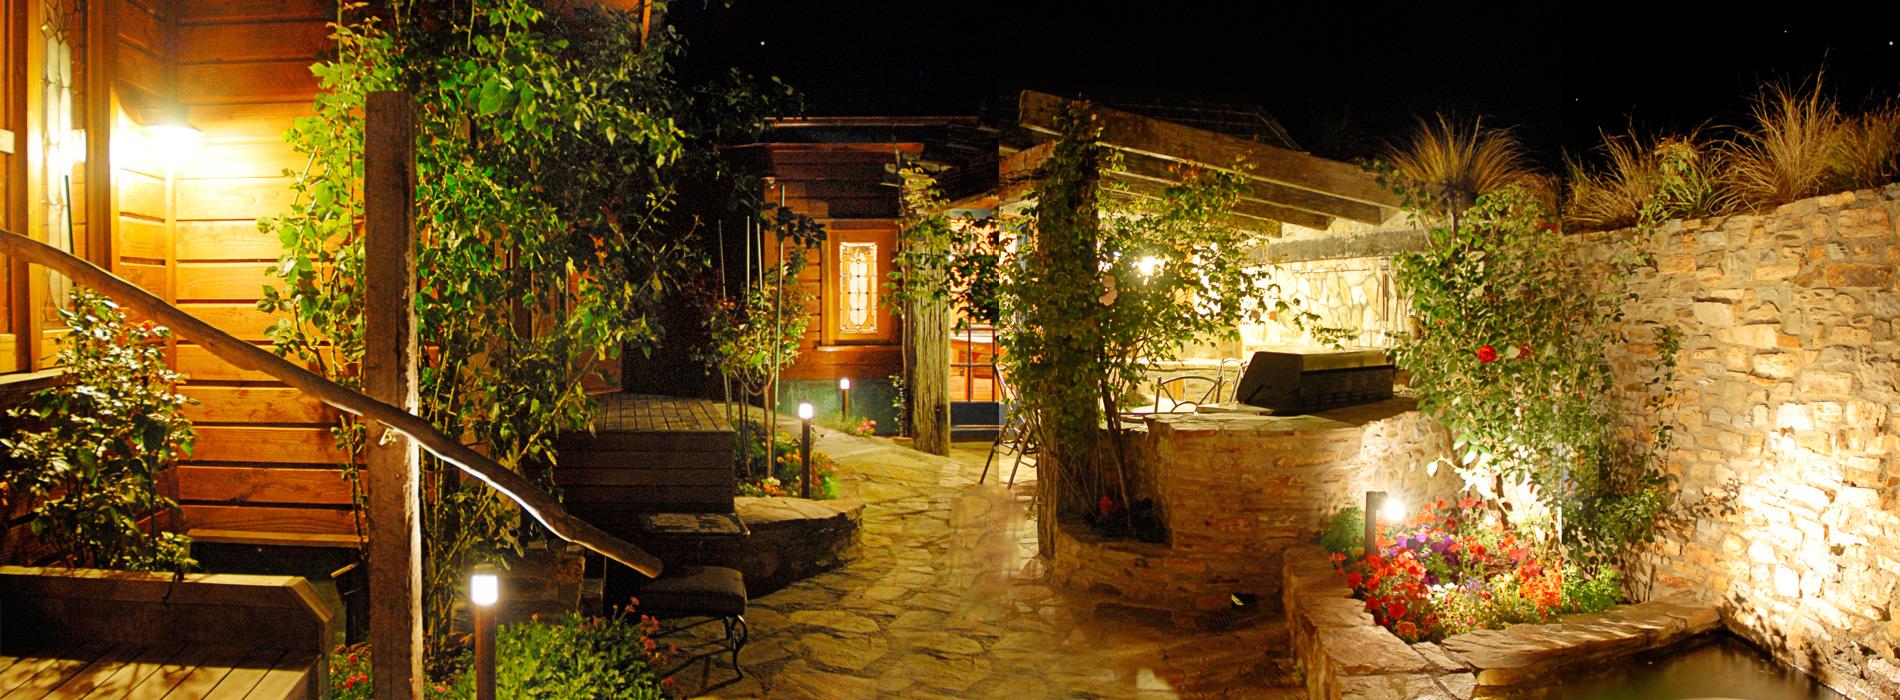 Iluminacion exterior jardin finest fabulosas ideas de - Lamparas exterior jardin ...